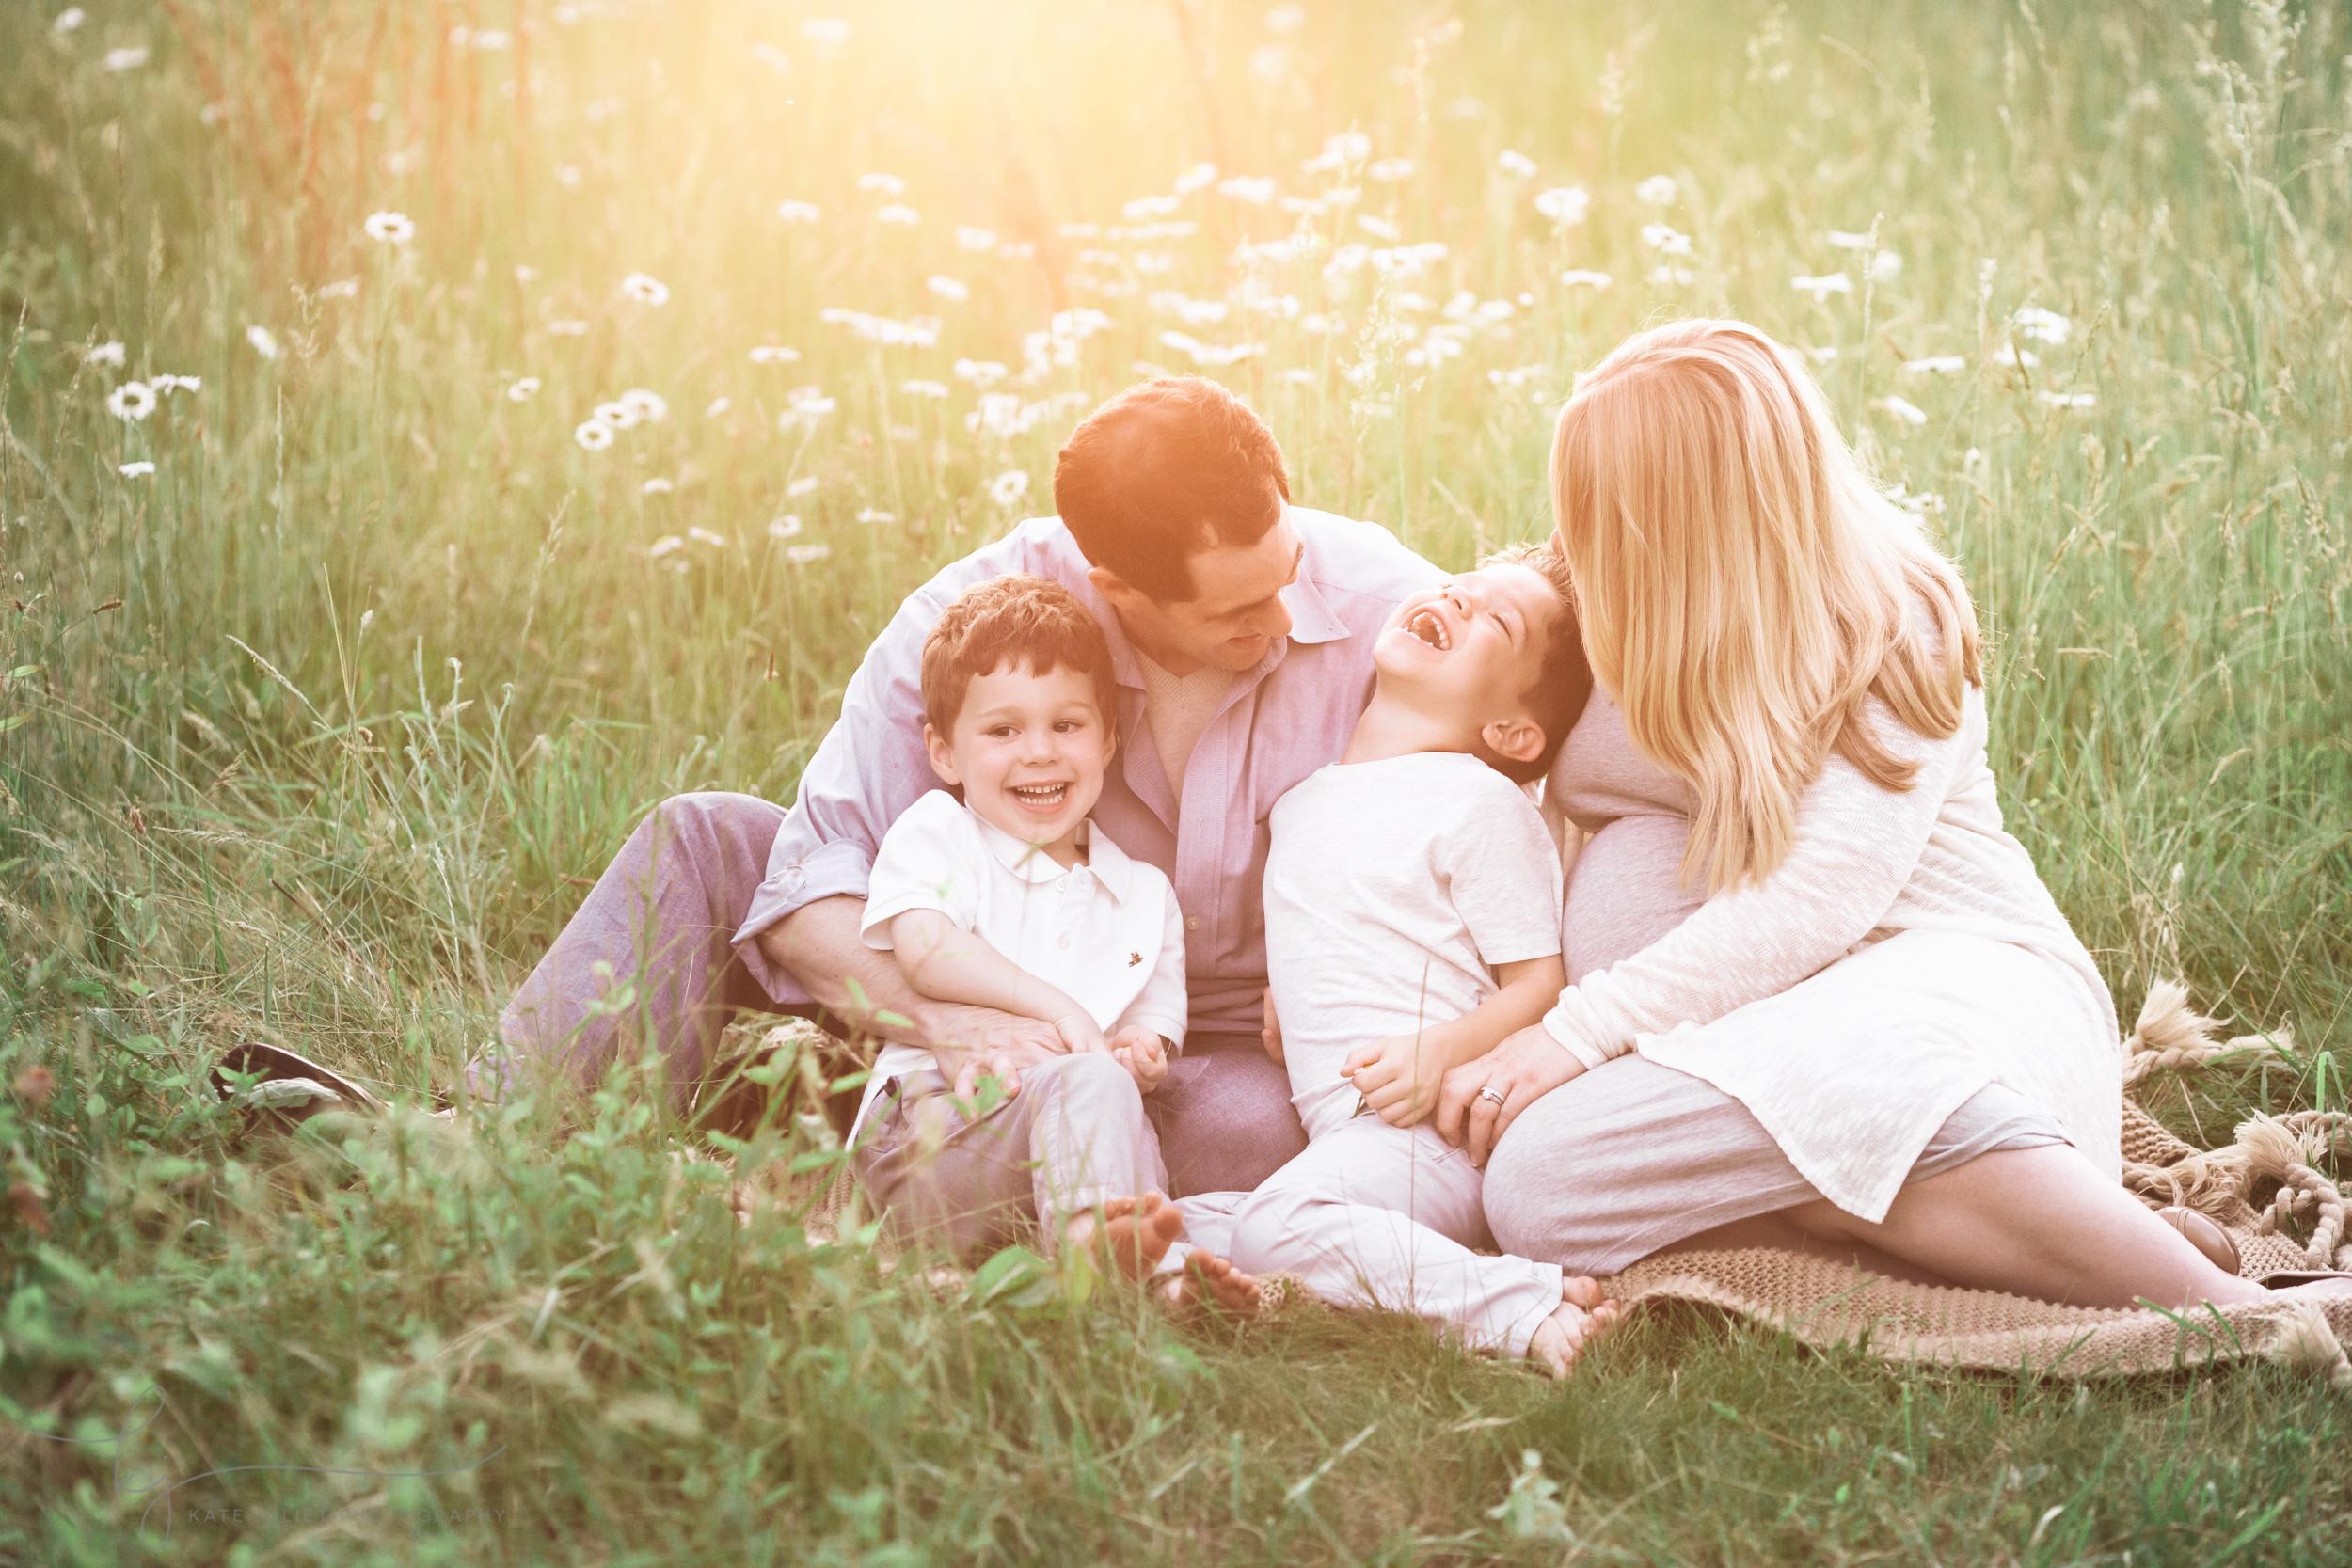 washington-dc-maternity-family-photography-field